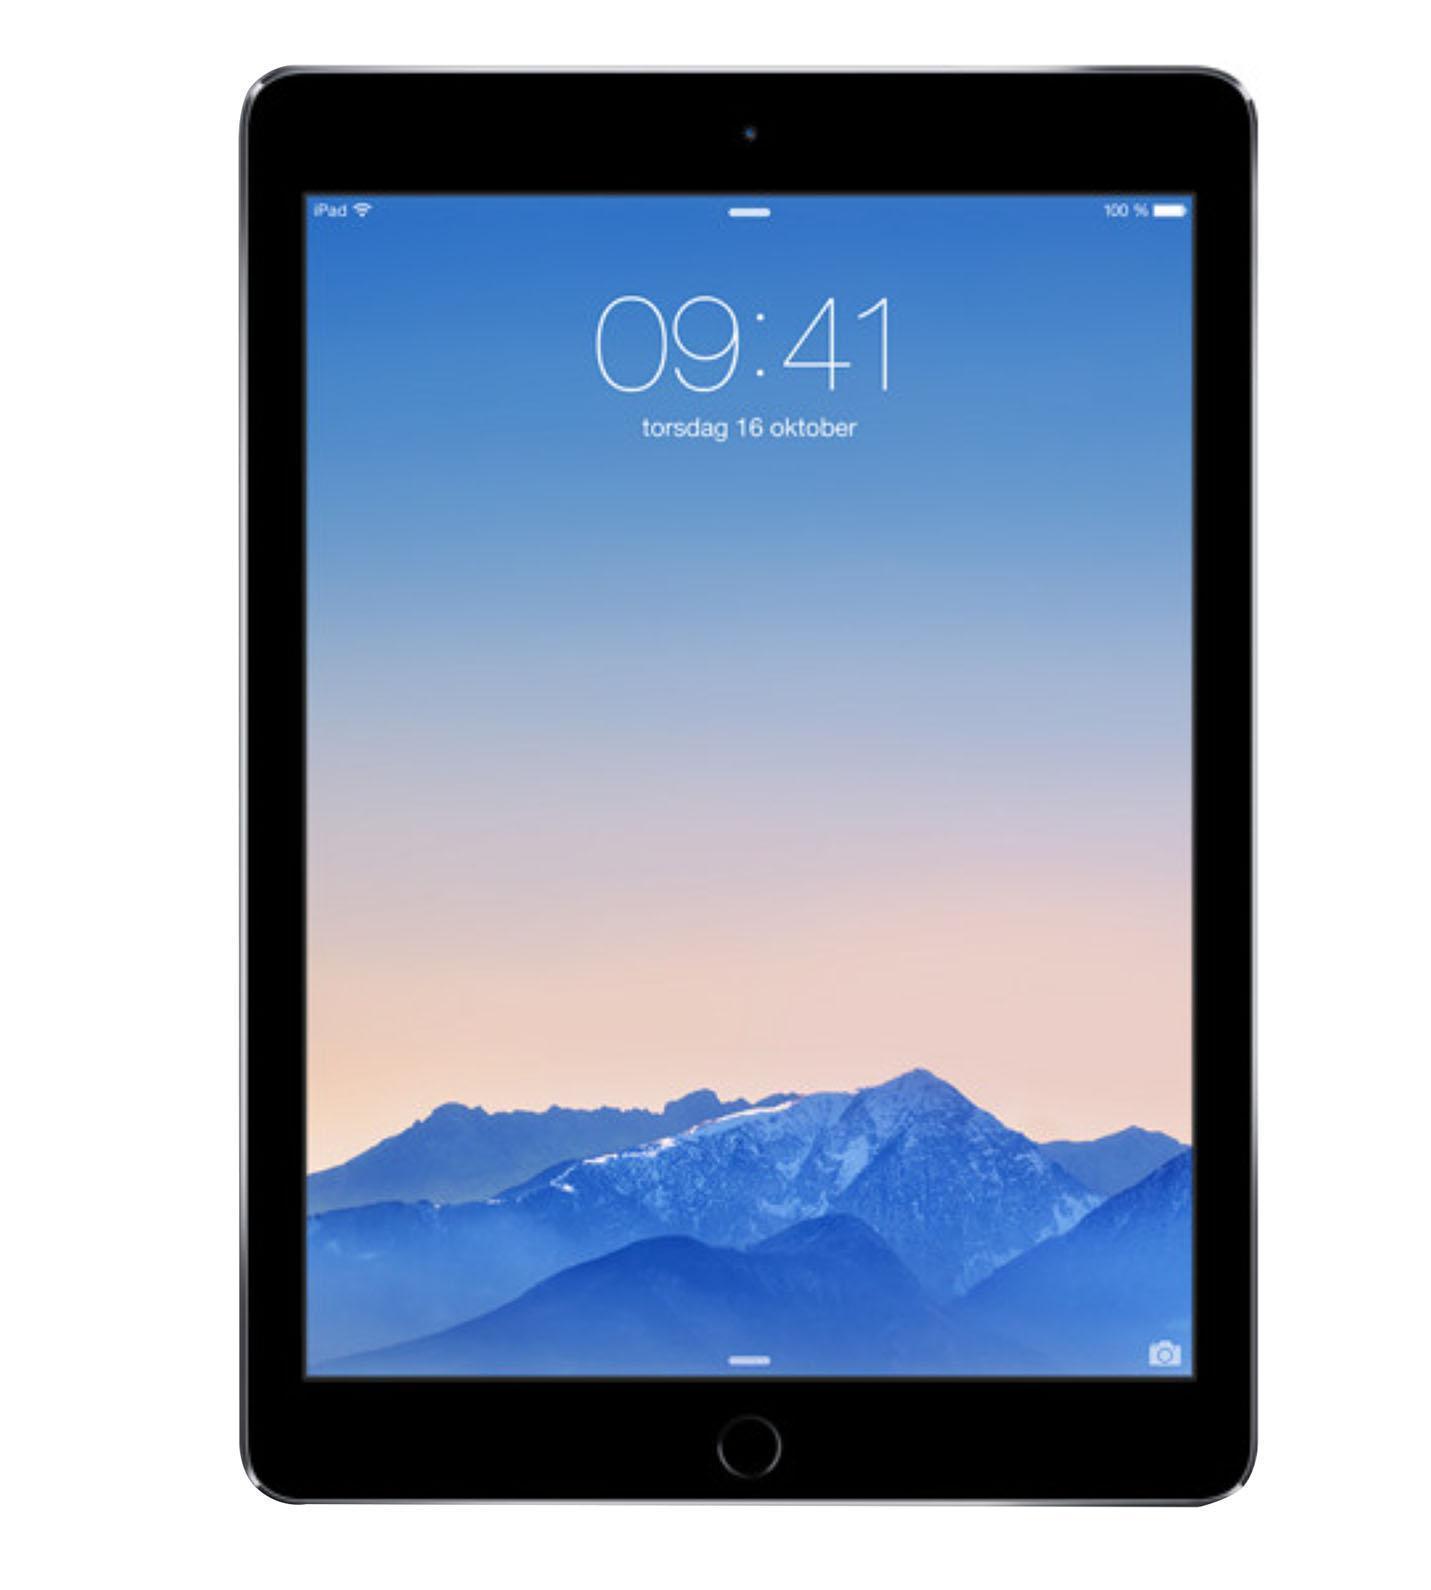 Apple iPad Air 2 Wi-Fi 16GB, Space Gray